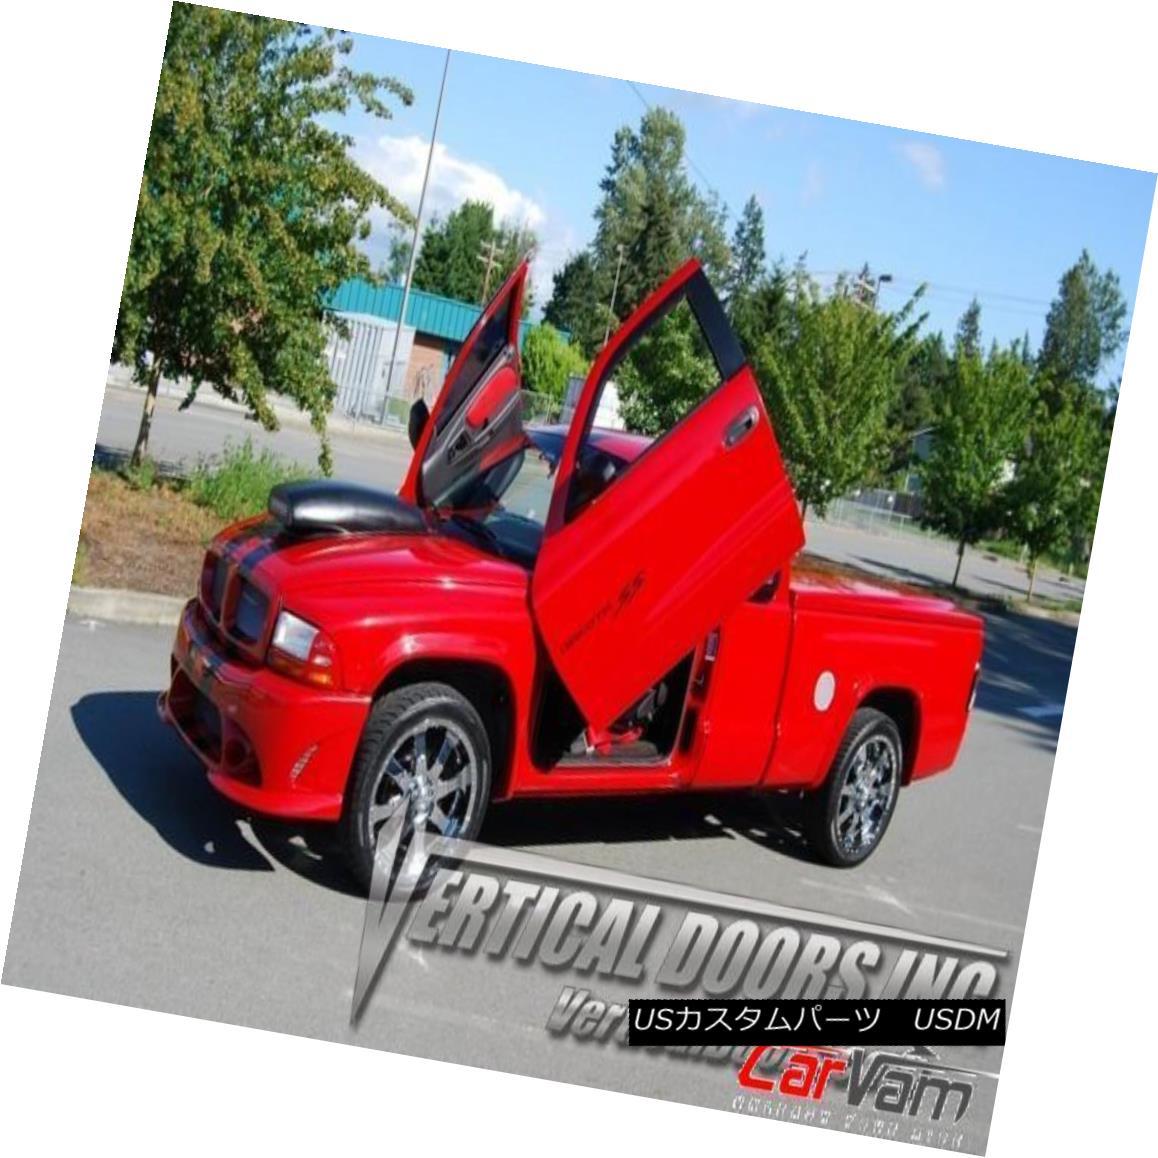 【気質アップ】 ガルウィングキット Vertical Doors - Vertical Lambo Door Kit For Dodge Dakota 1997-04 垂直ドア - Dodge Dakota用の垂直Lamboドアキット1997-04, 超人気 6933a137